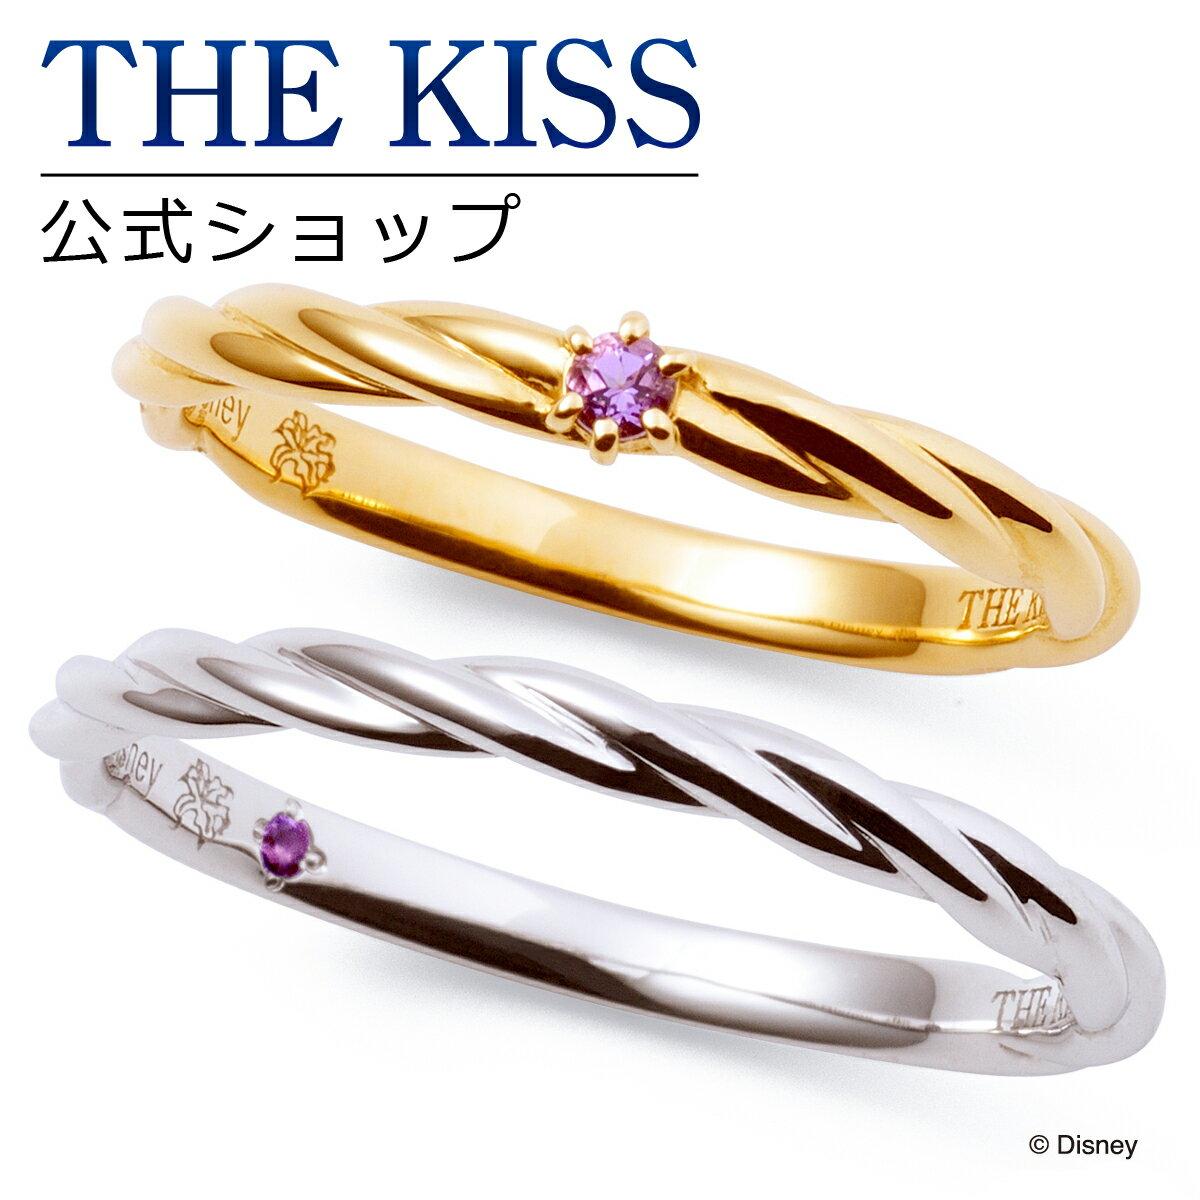 【あす楽対応】【ディズニーコレクション】 ディズニー / ペアリング / ディズニープリンセス ラプンツェル / マリッジリング 結婚指輪 / THE KISS sweets リング・指輪 K10イエローゴールド K10ホワイトゴールド DI-YR2921AM-WR2922AM セット シンプル ザキス 【送料無料】